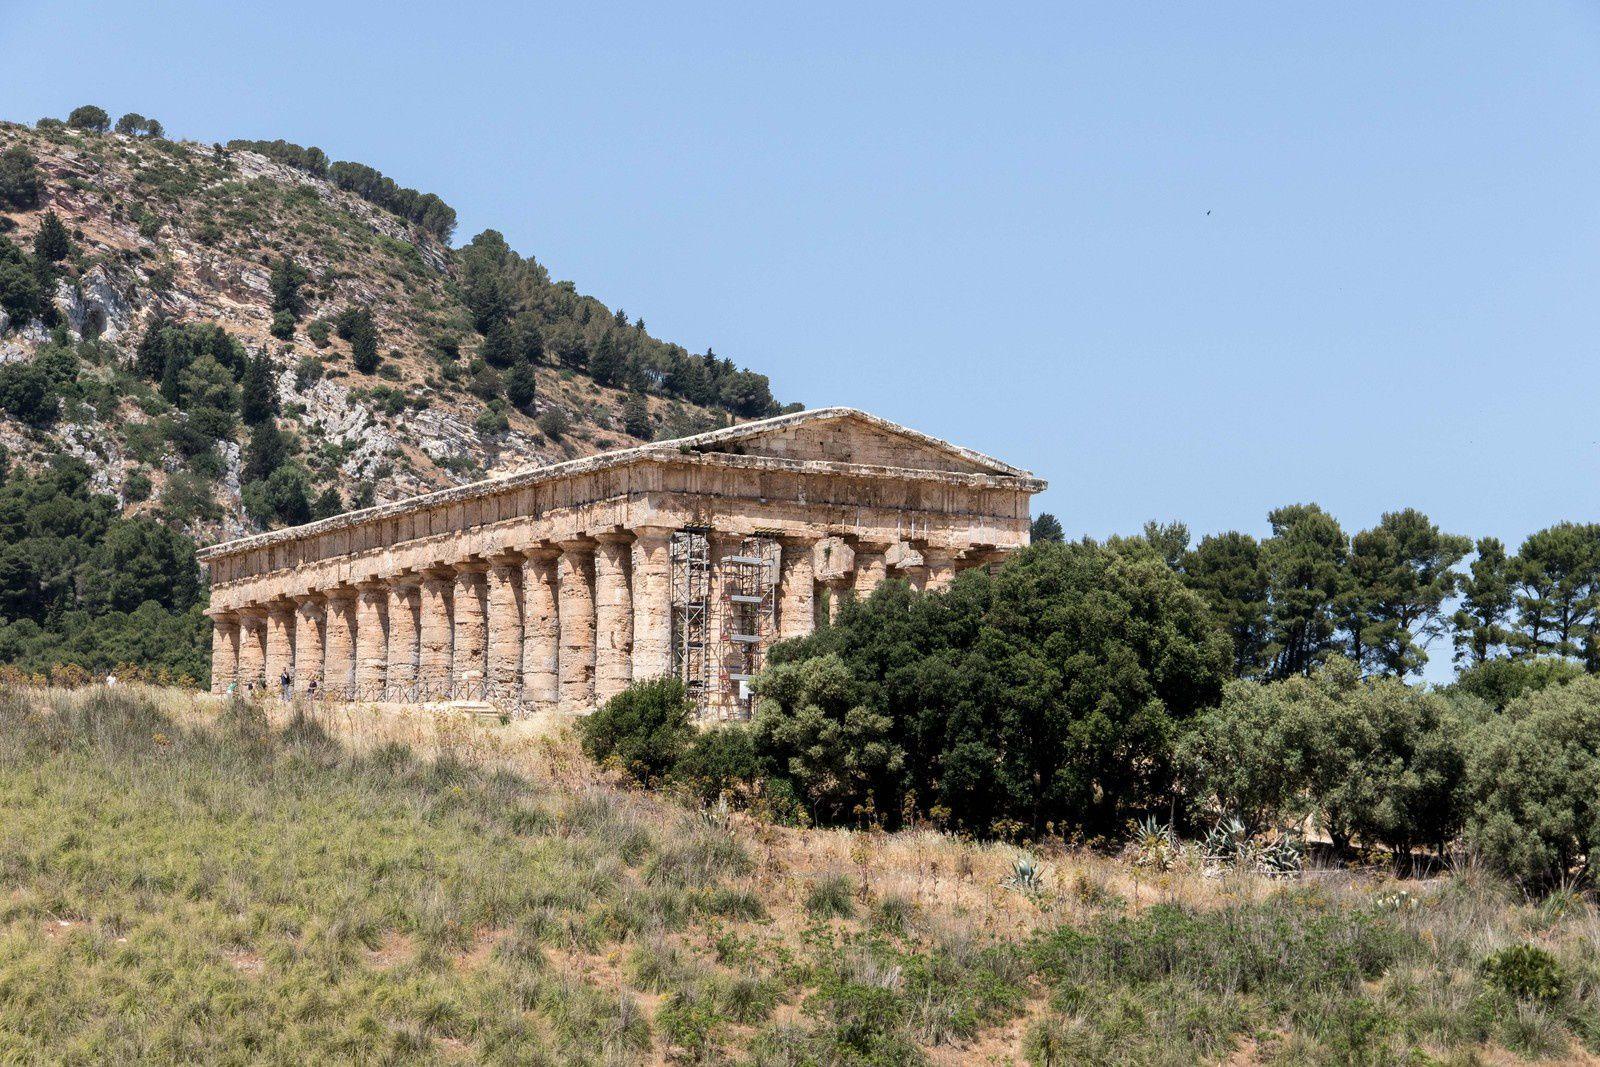 Le temple depuis le chemin qui vient théâtre.